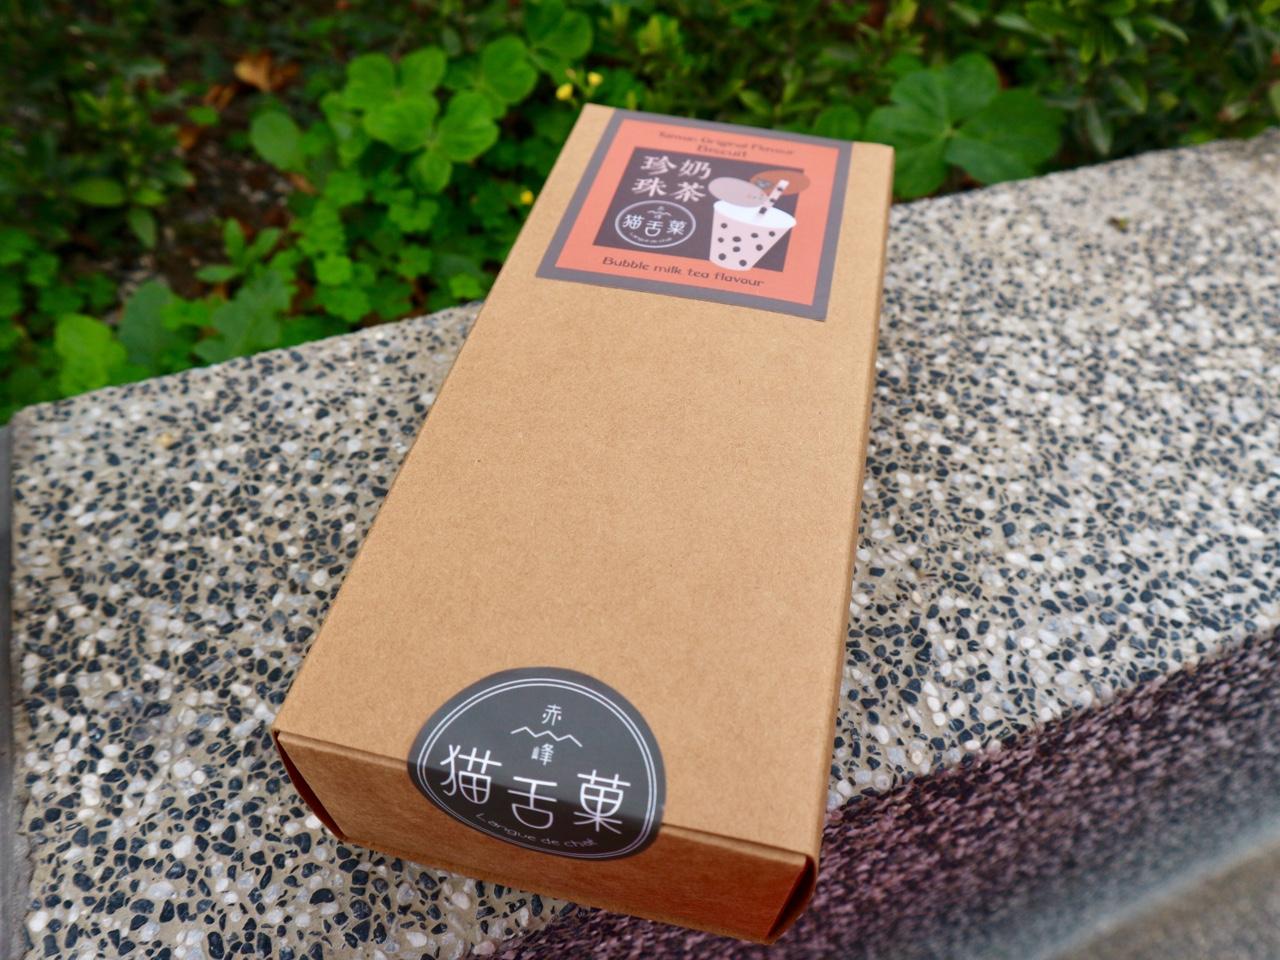 「赤峰猫舌菓」パッケージ